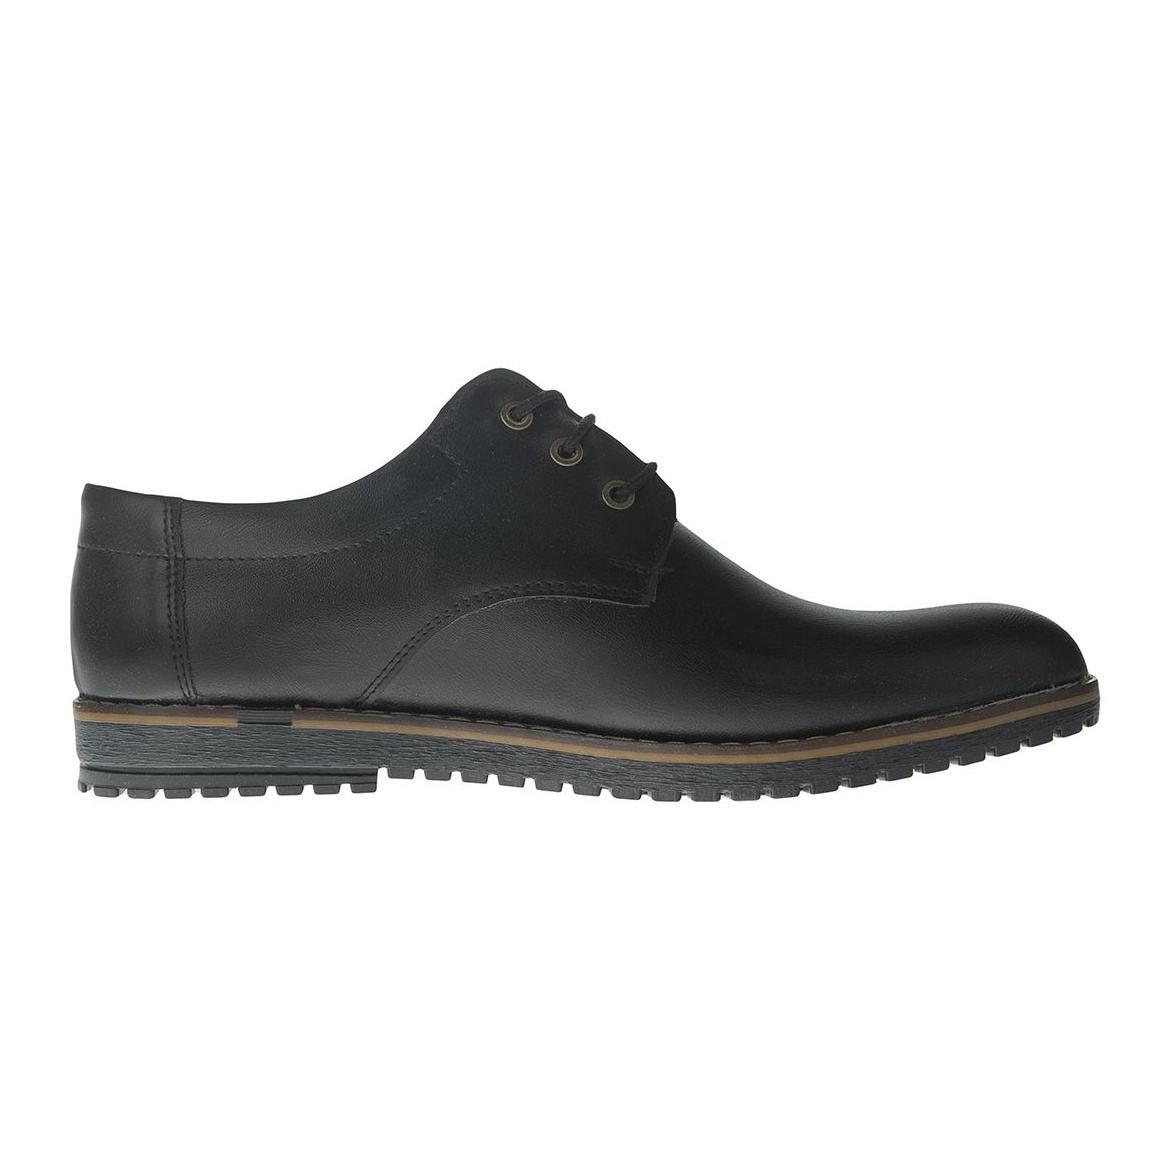 کفش مردانه سفیر مدل k.baz.048 main 1 2